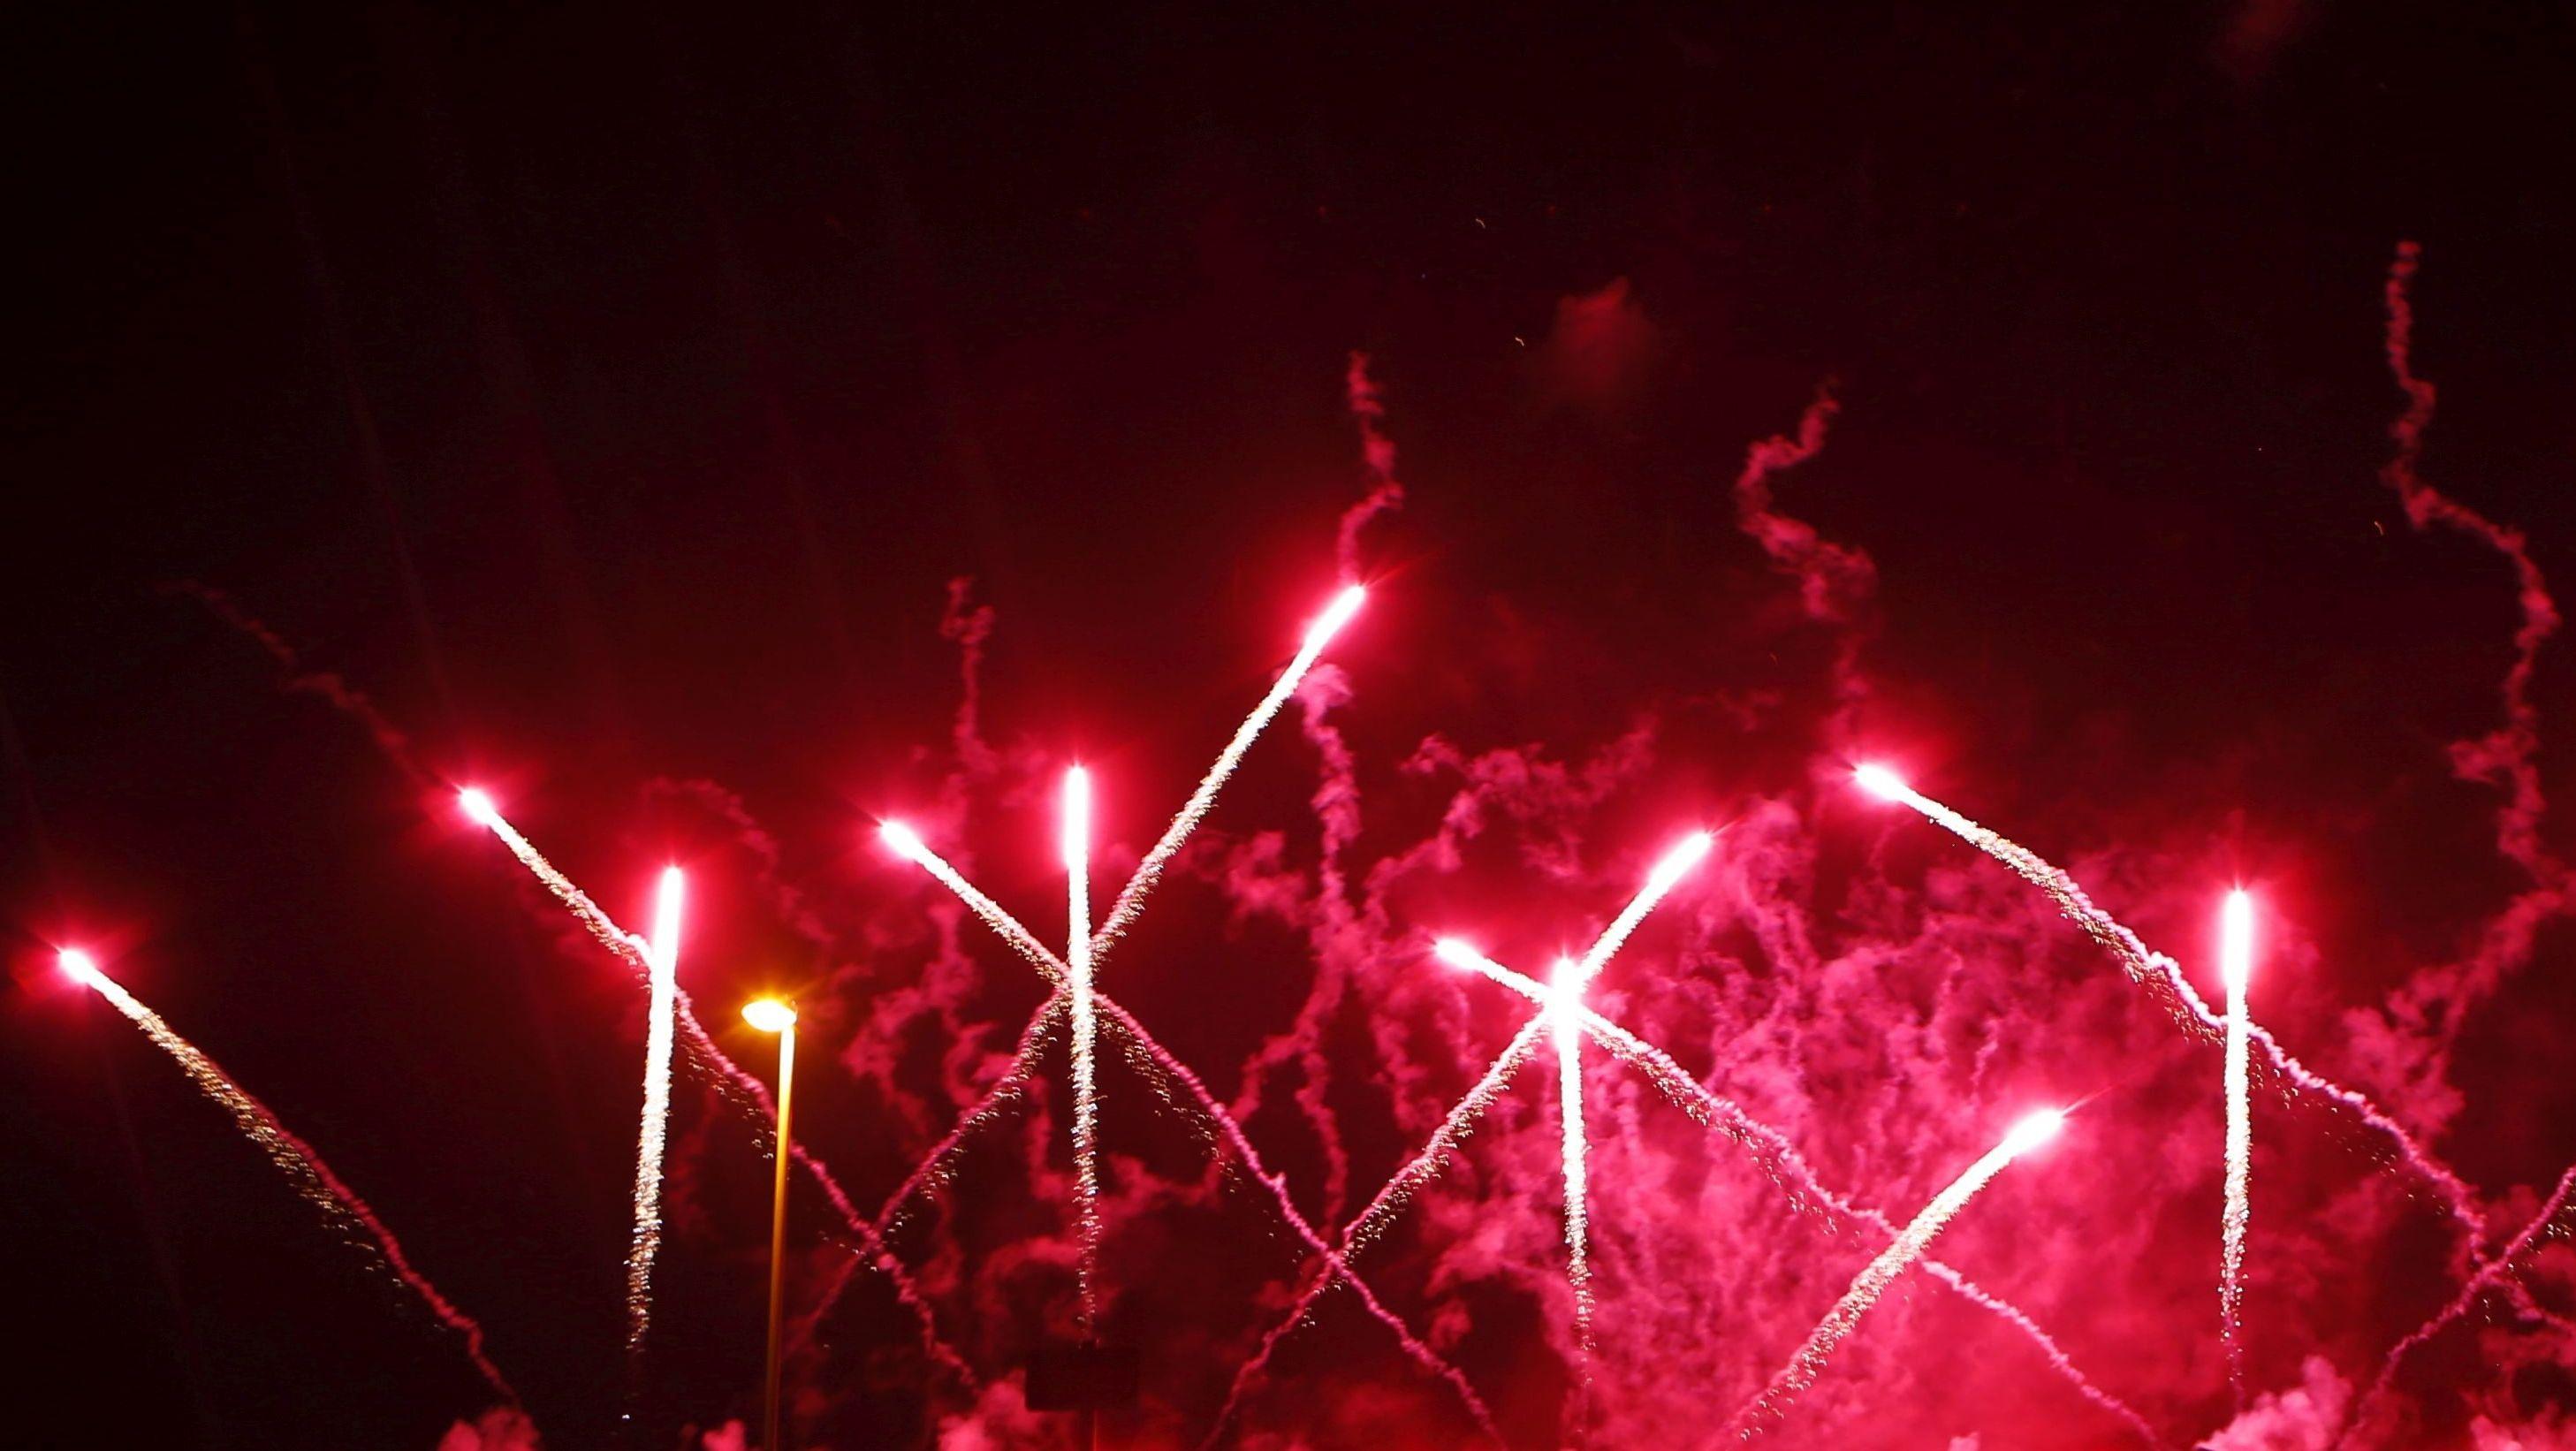 Rote Silvesterraketen schießen in den dunklen Abendhimmel